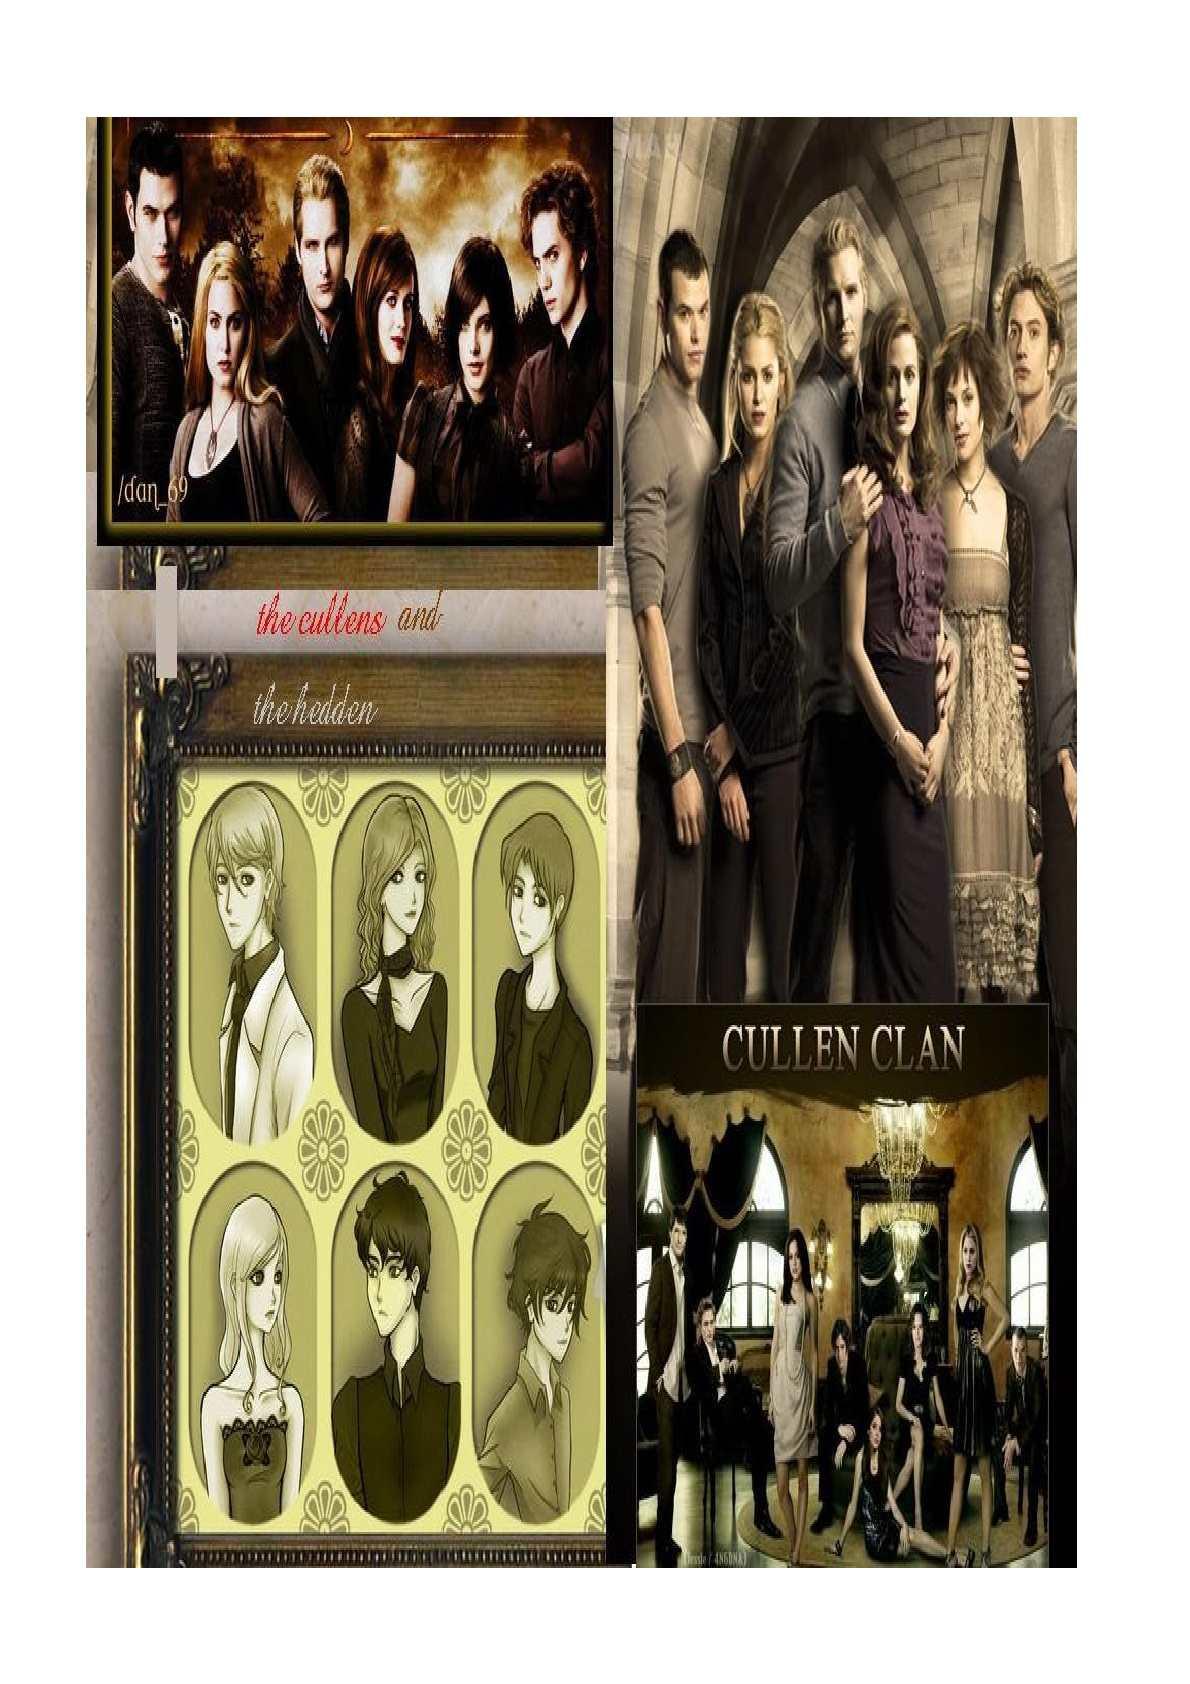 Twilight fanfic rencontres en ligne